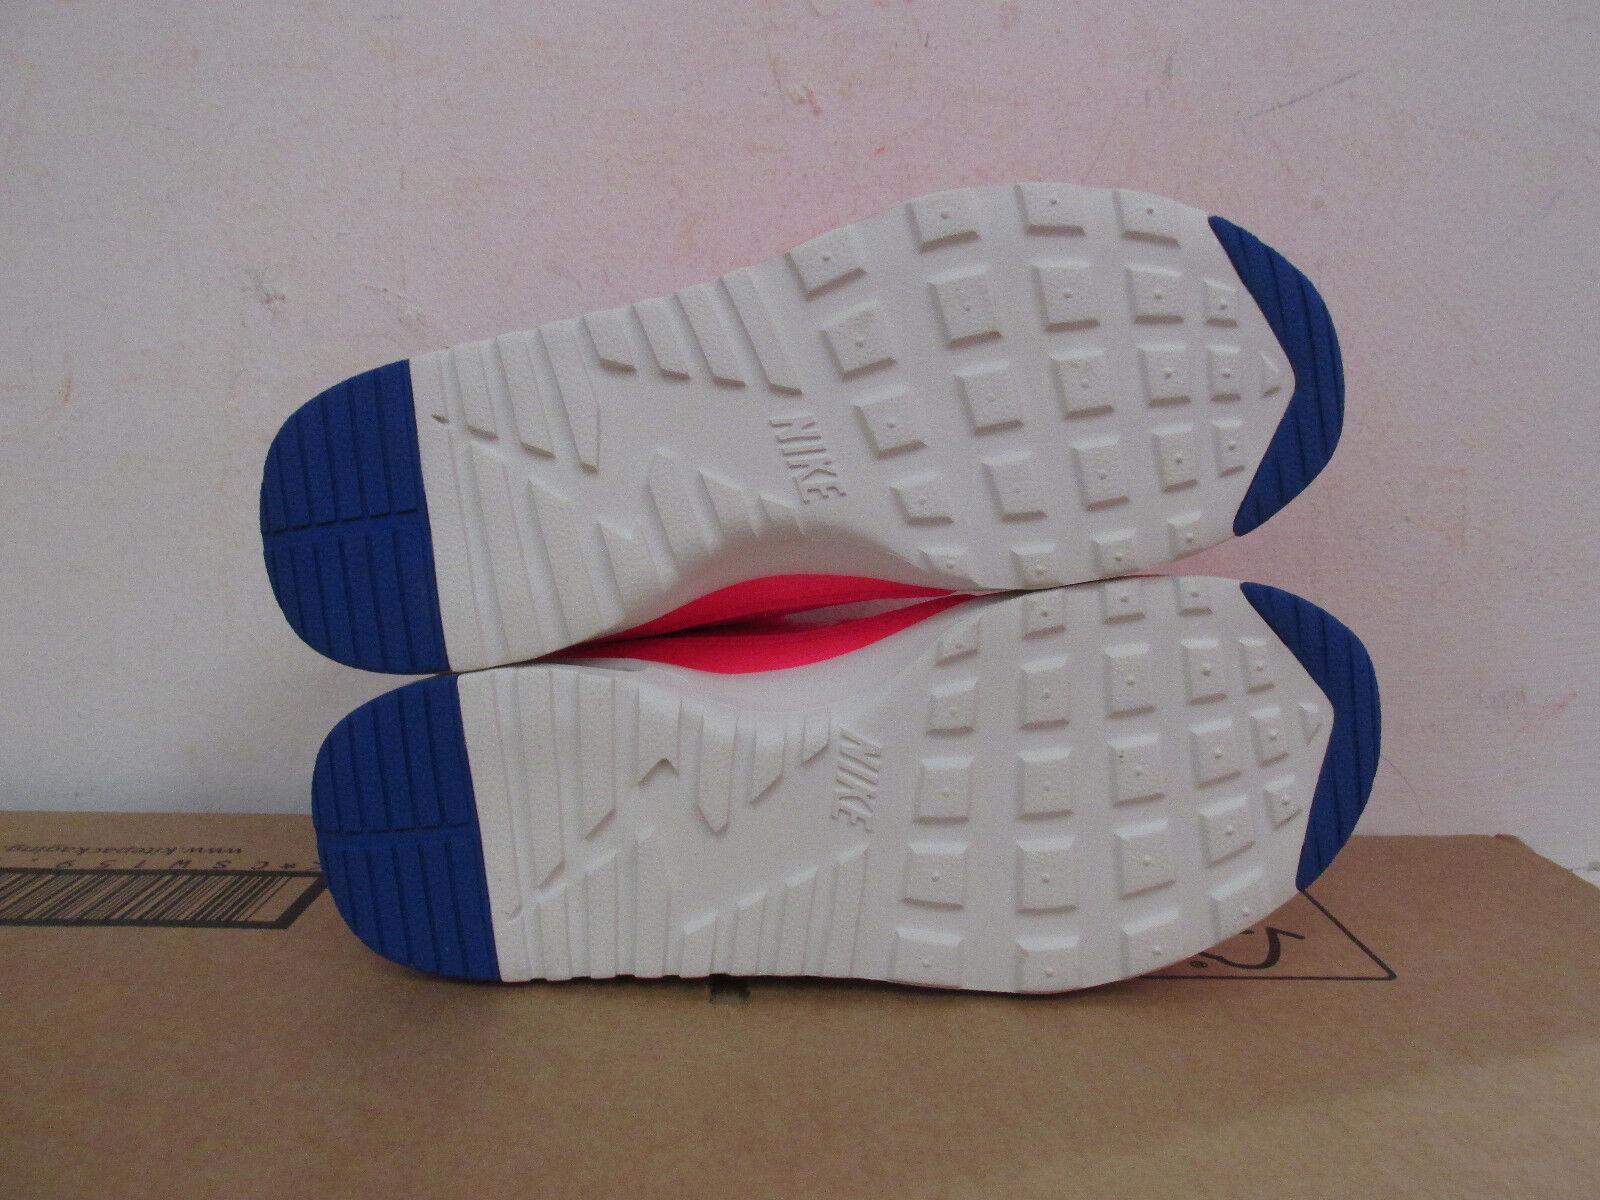 Nike air max 601 thea prm frauen laufen 616723 601 max Turnschuhe - trainer 4056bb